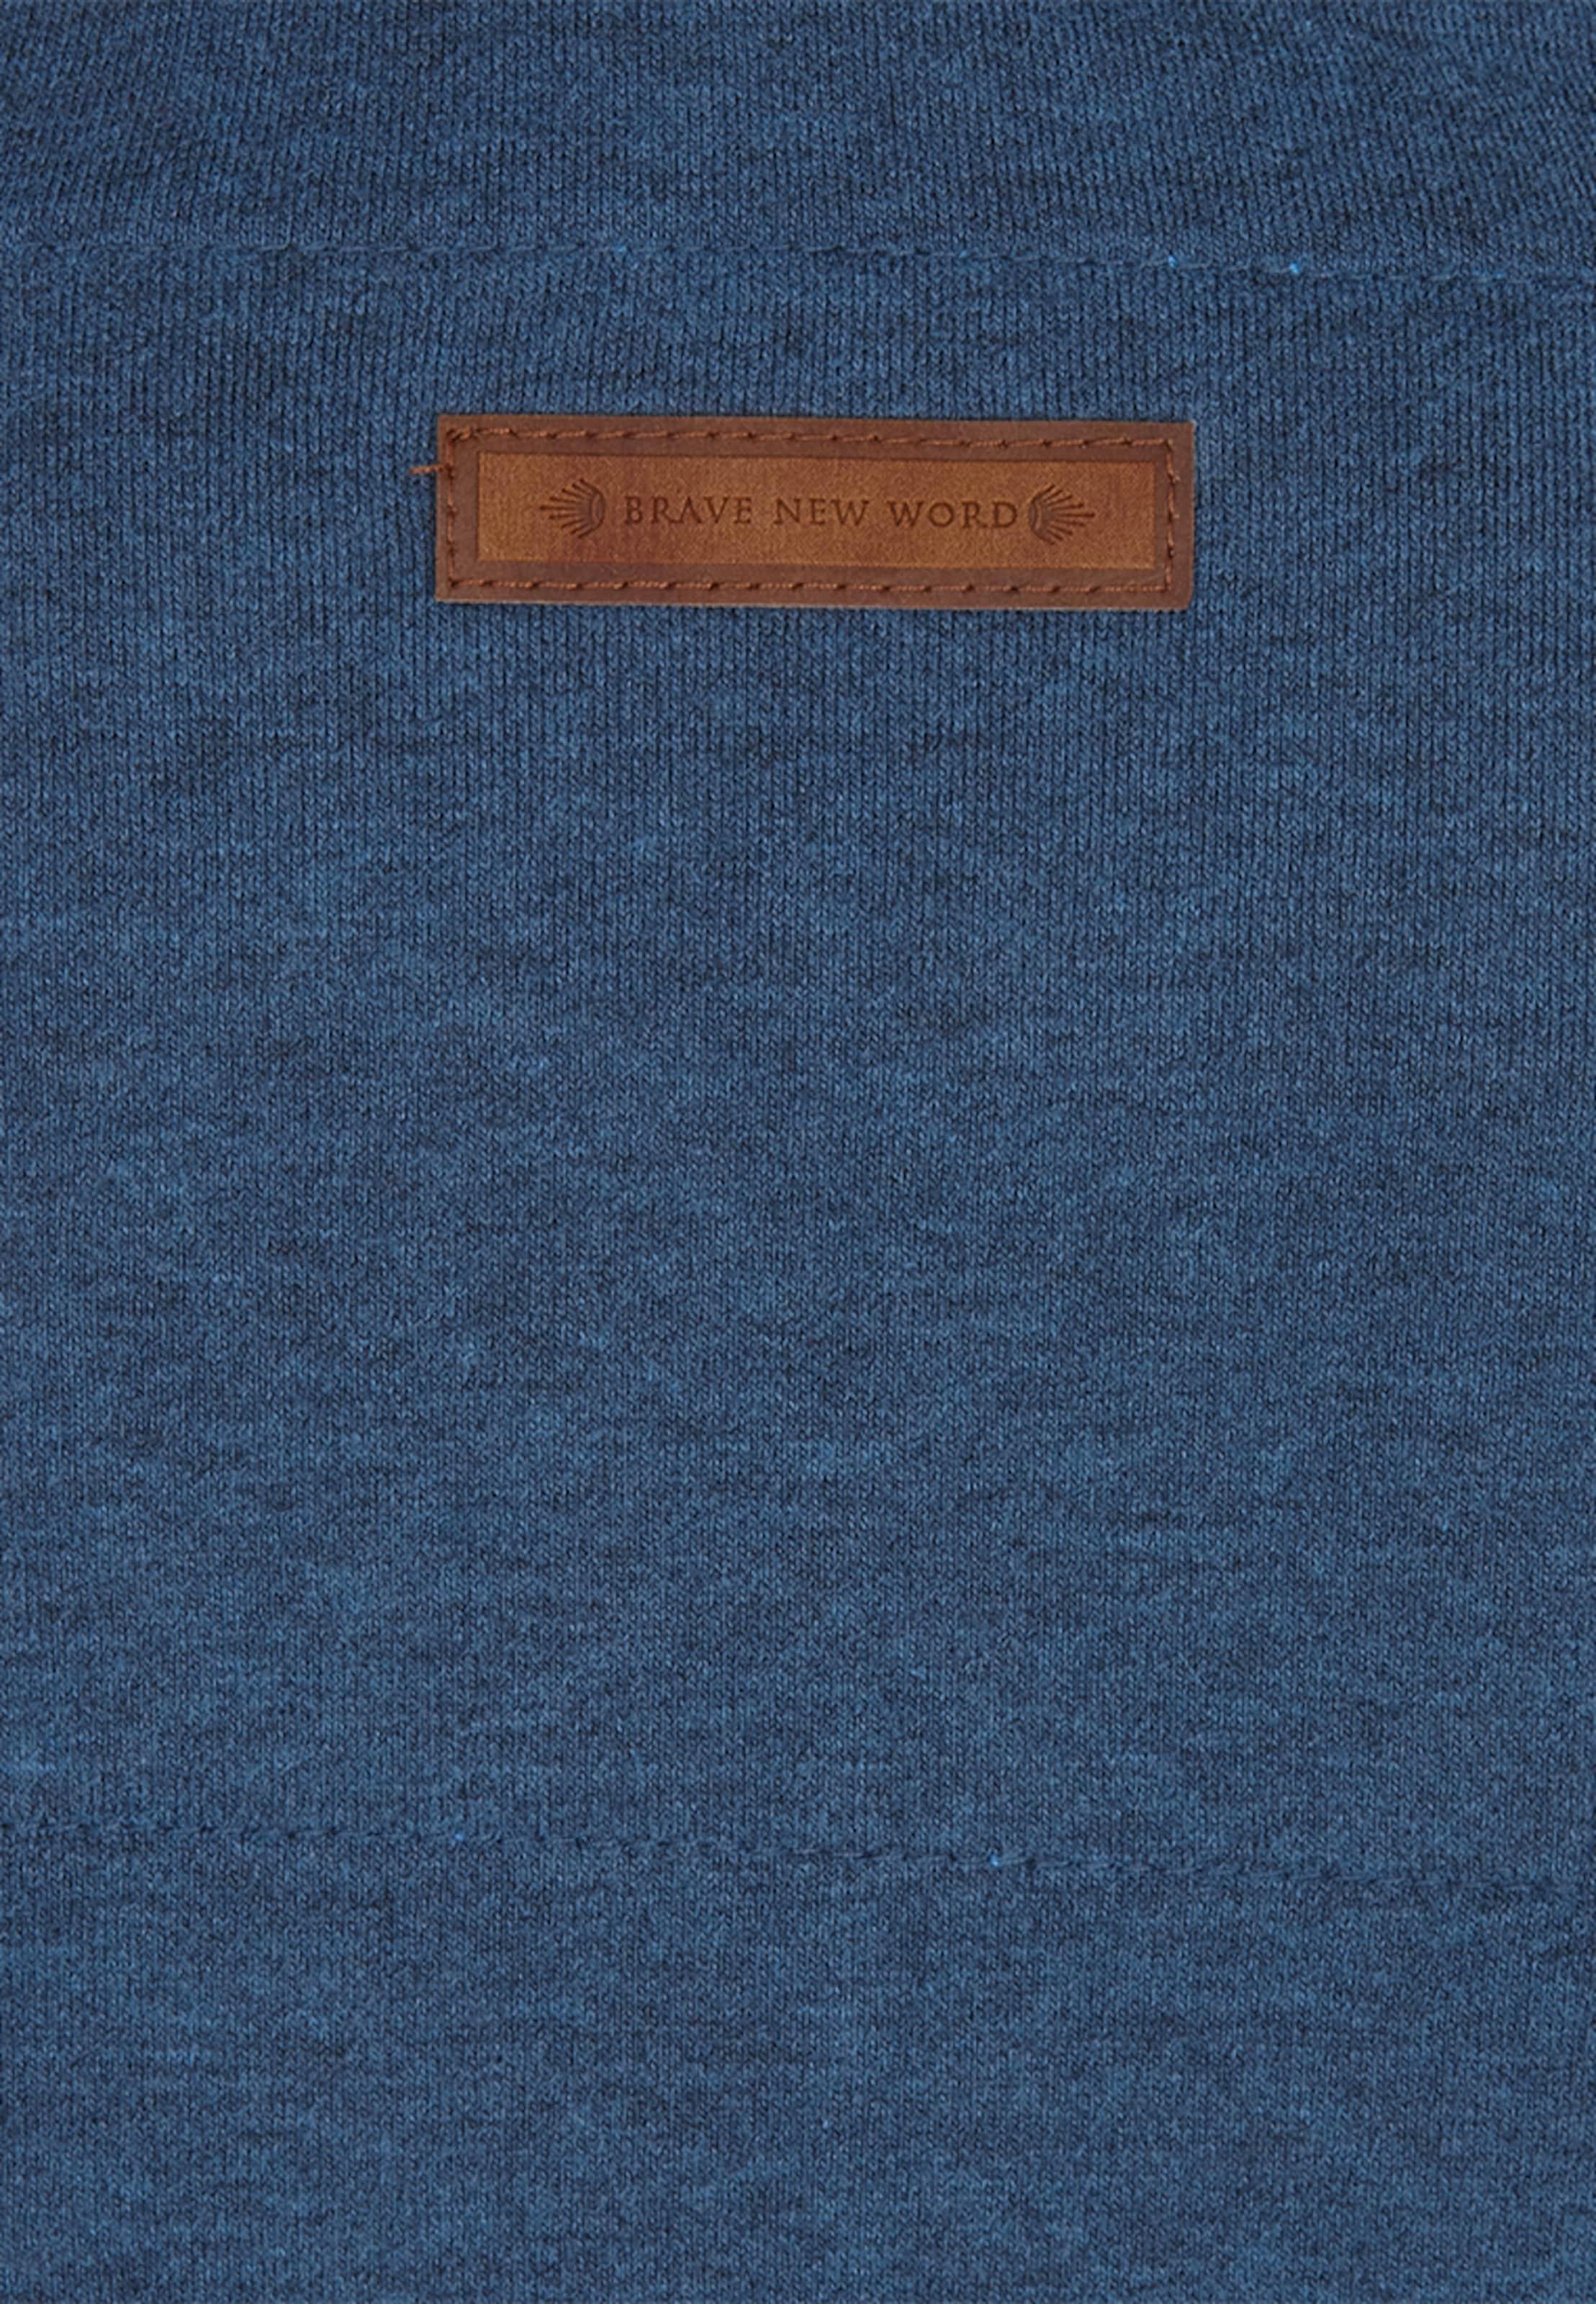 Spielraum Niedriger Preis Billig Verkauf Veröffentlichungstermine naketano Zipped Jacket 'Dirty Brazzo' Rabatt Viele Arten Von Billig Verkauf 2018 Neueste pwkIVi